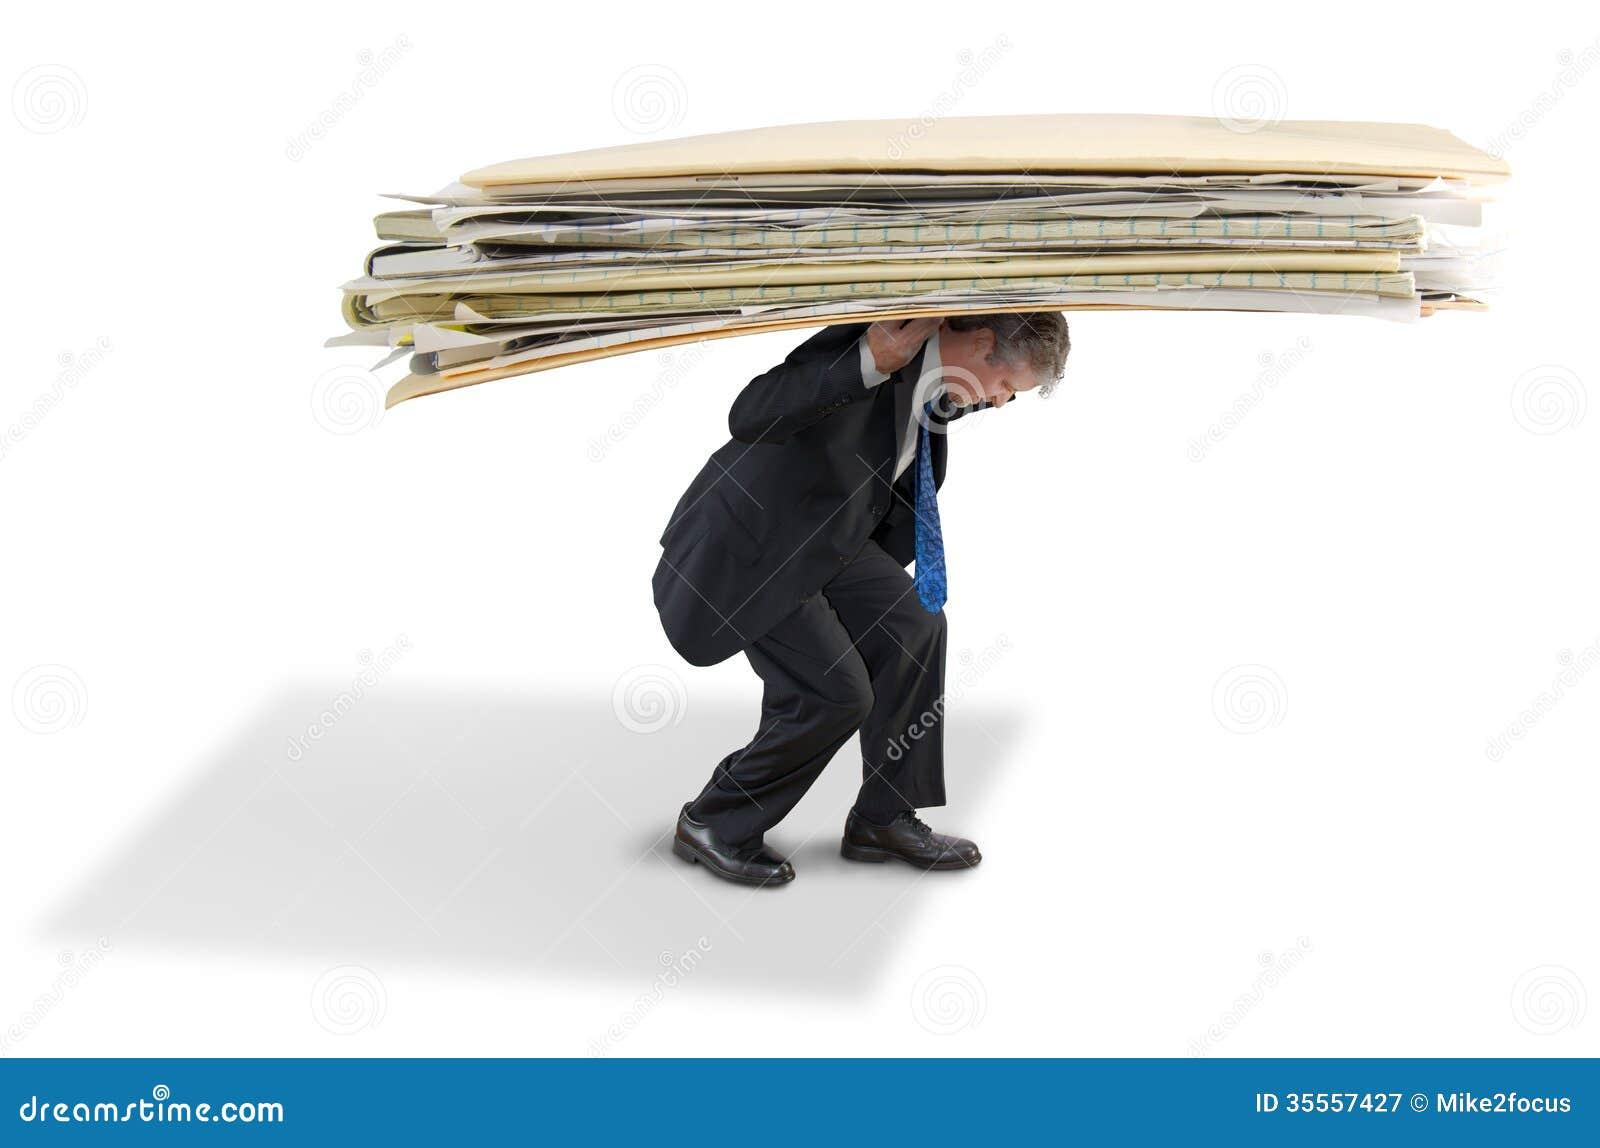 Man struggling under big pile of paperwork